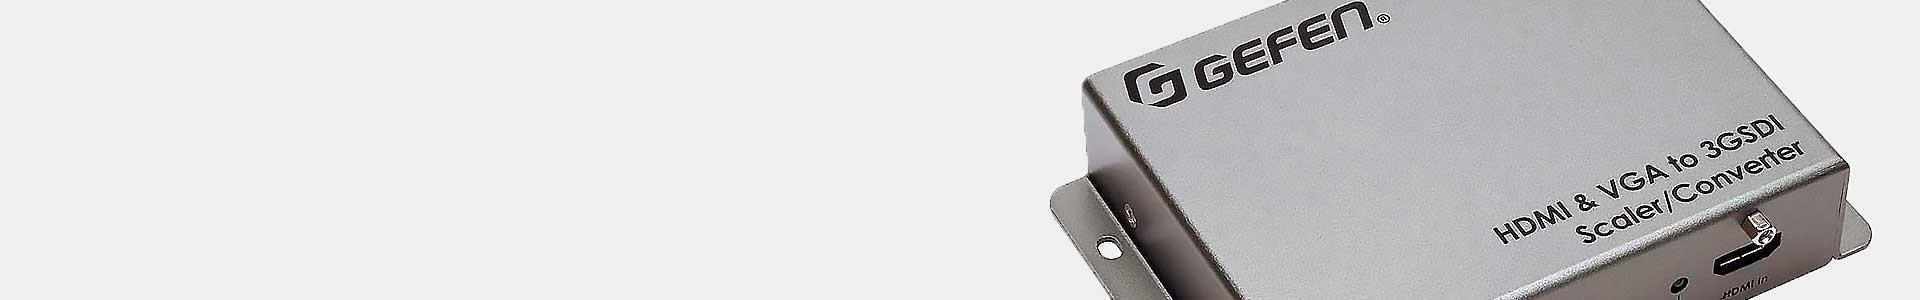 Conversores vídeo HDMI a SDI de calidad profesional - Avacab